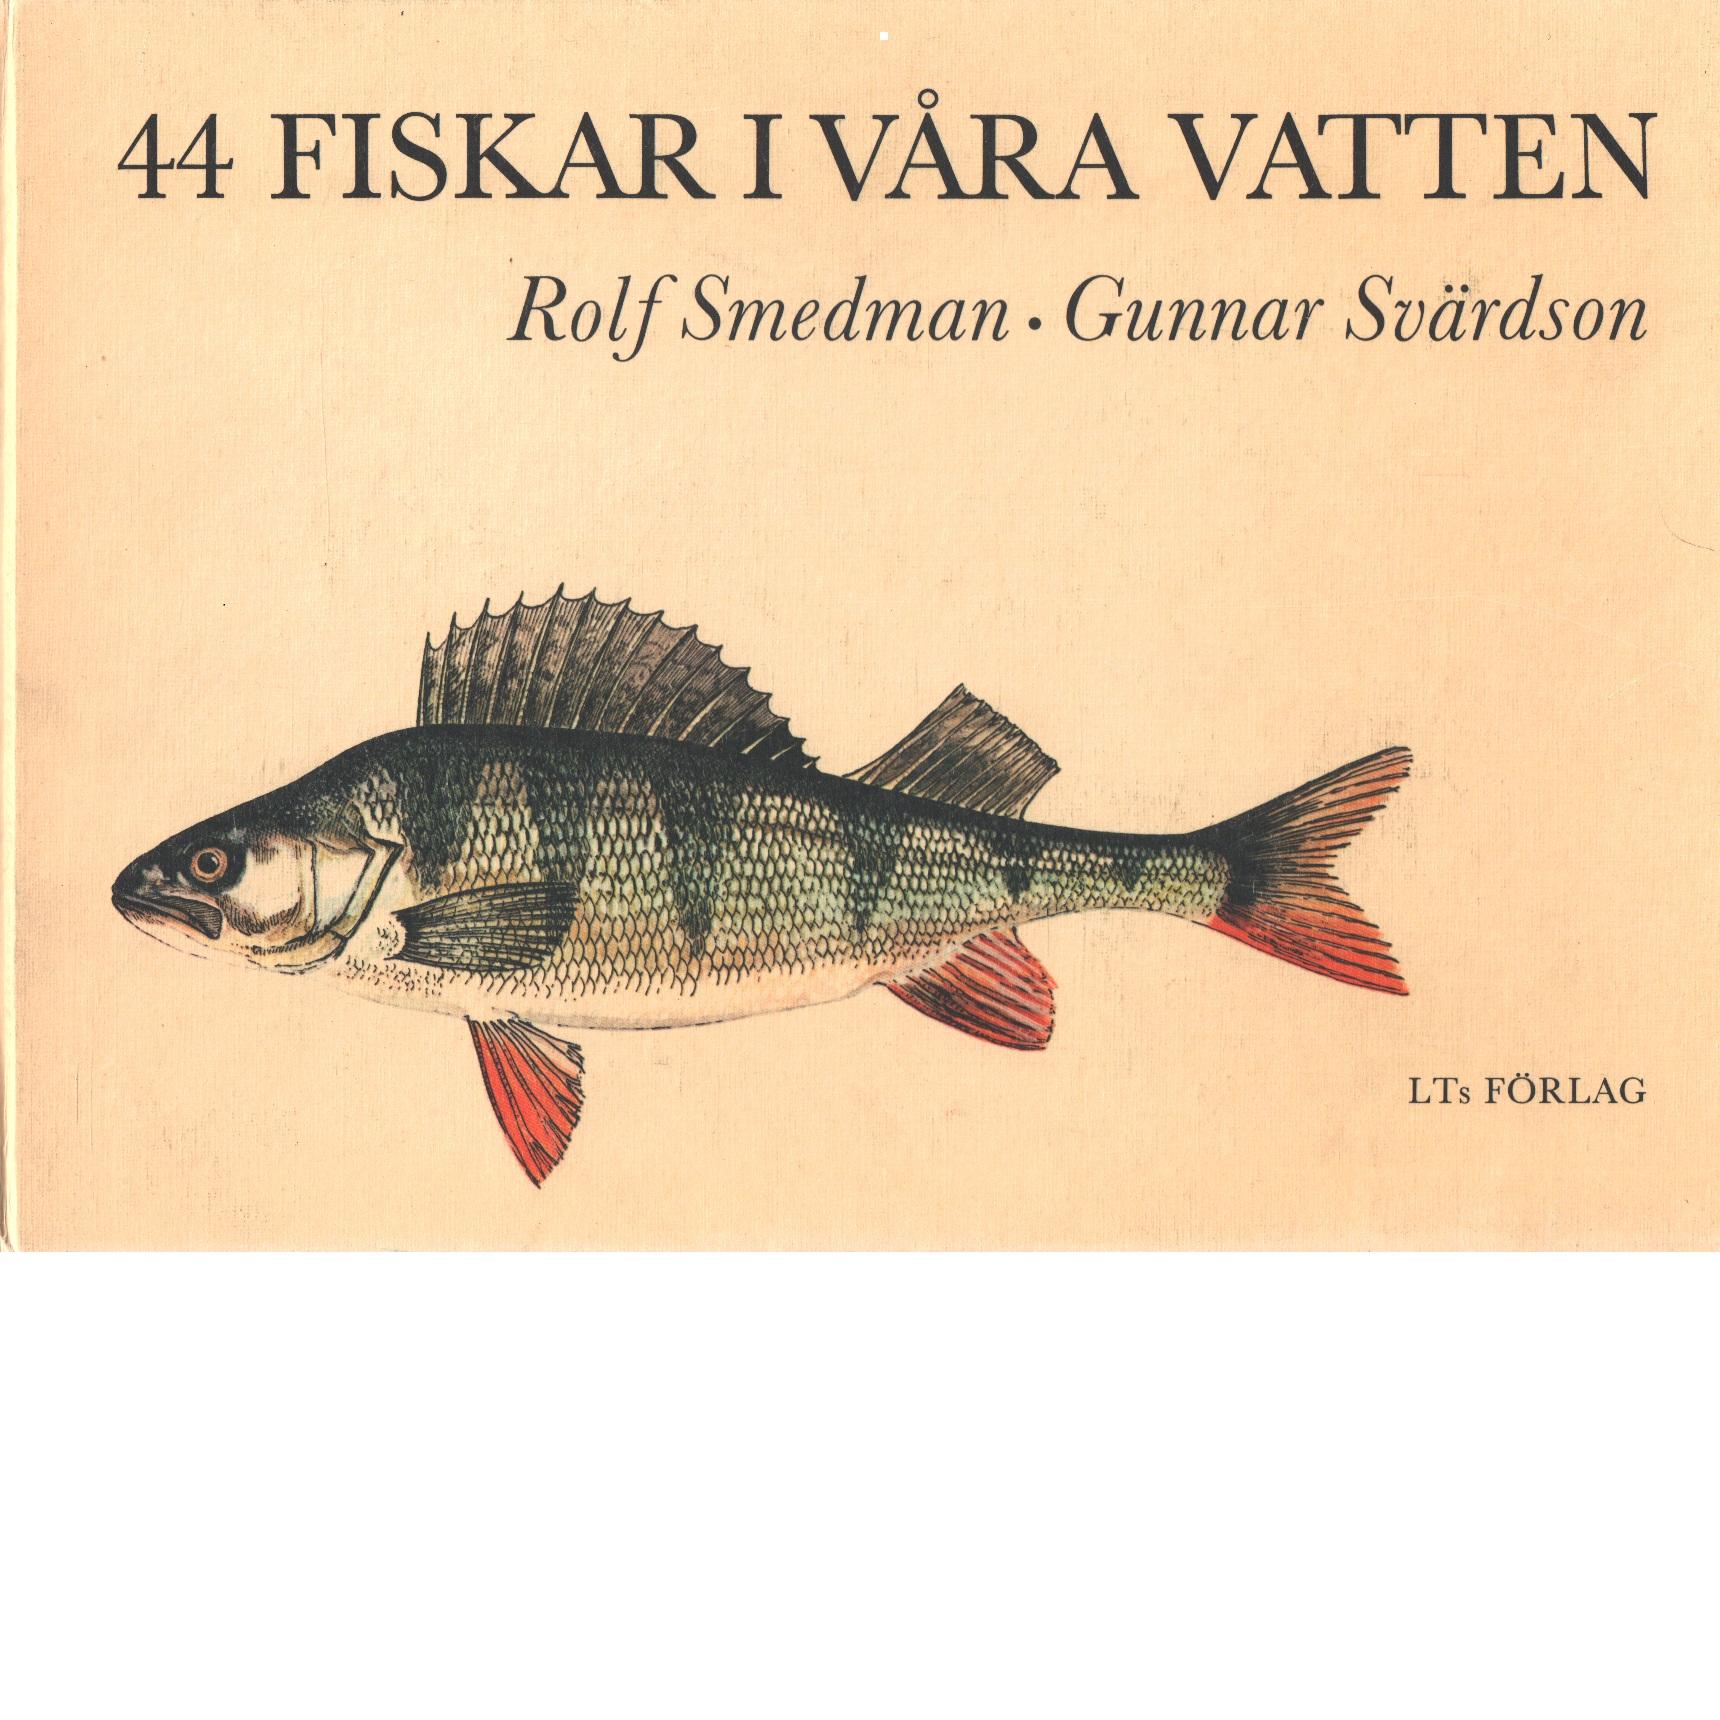 44 fiskar i våra vatten - Smedman, Rolf Och Svärdson, Gunnar